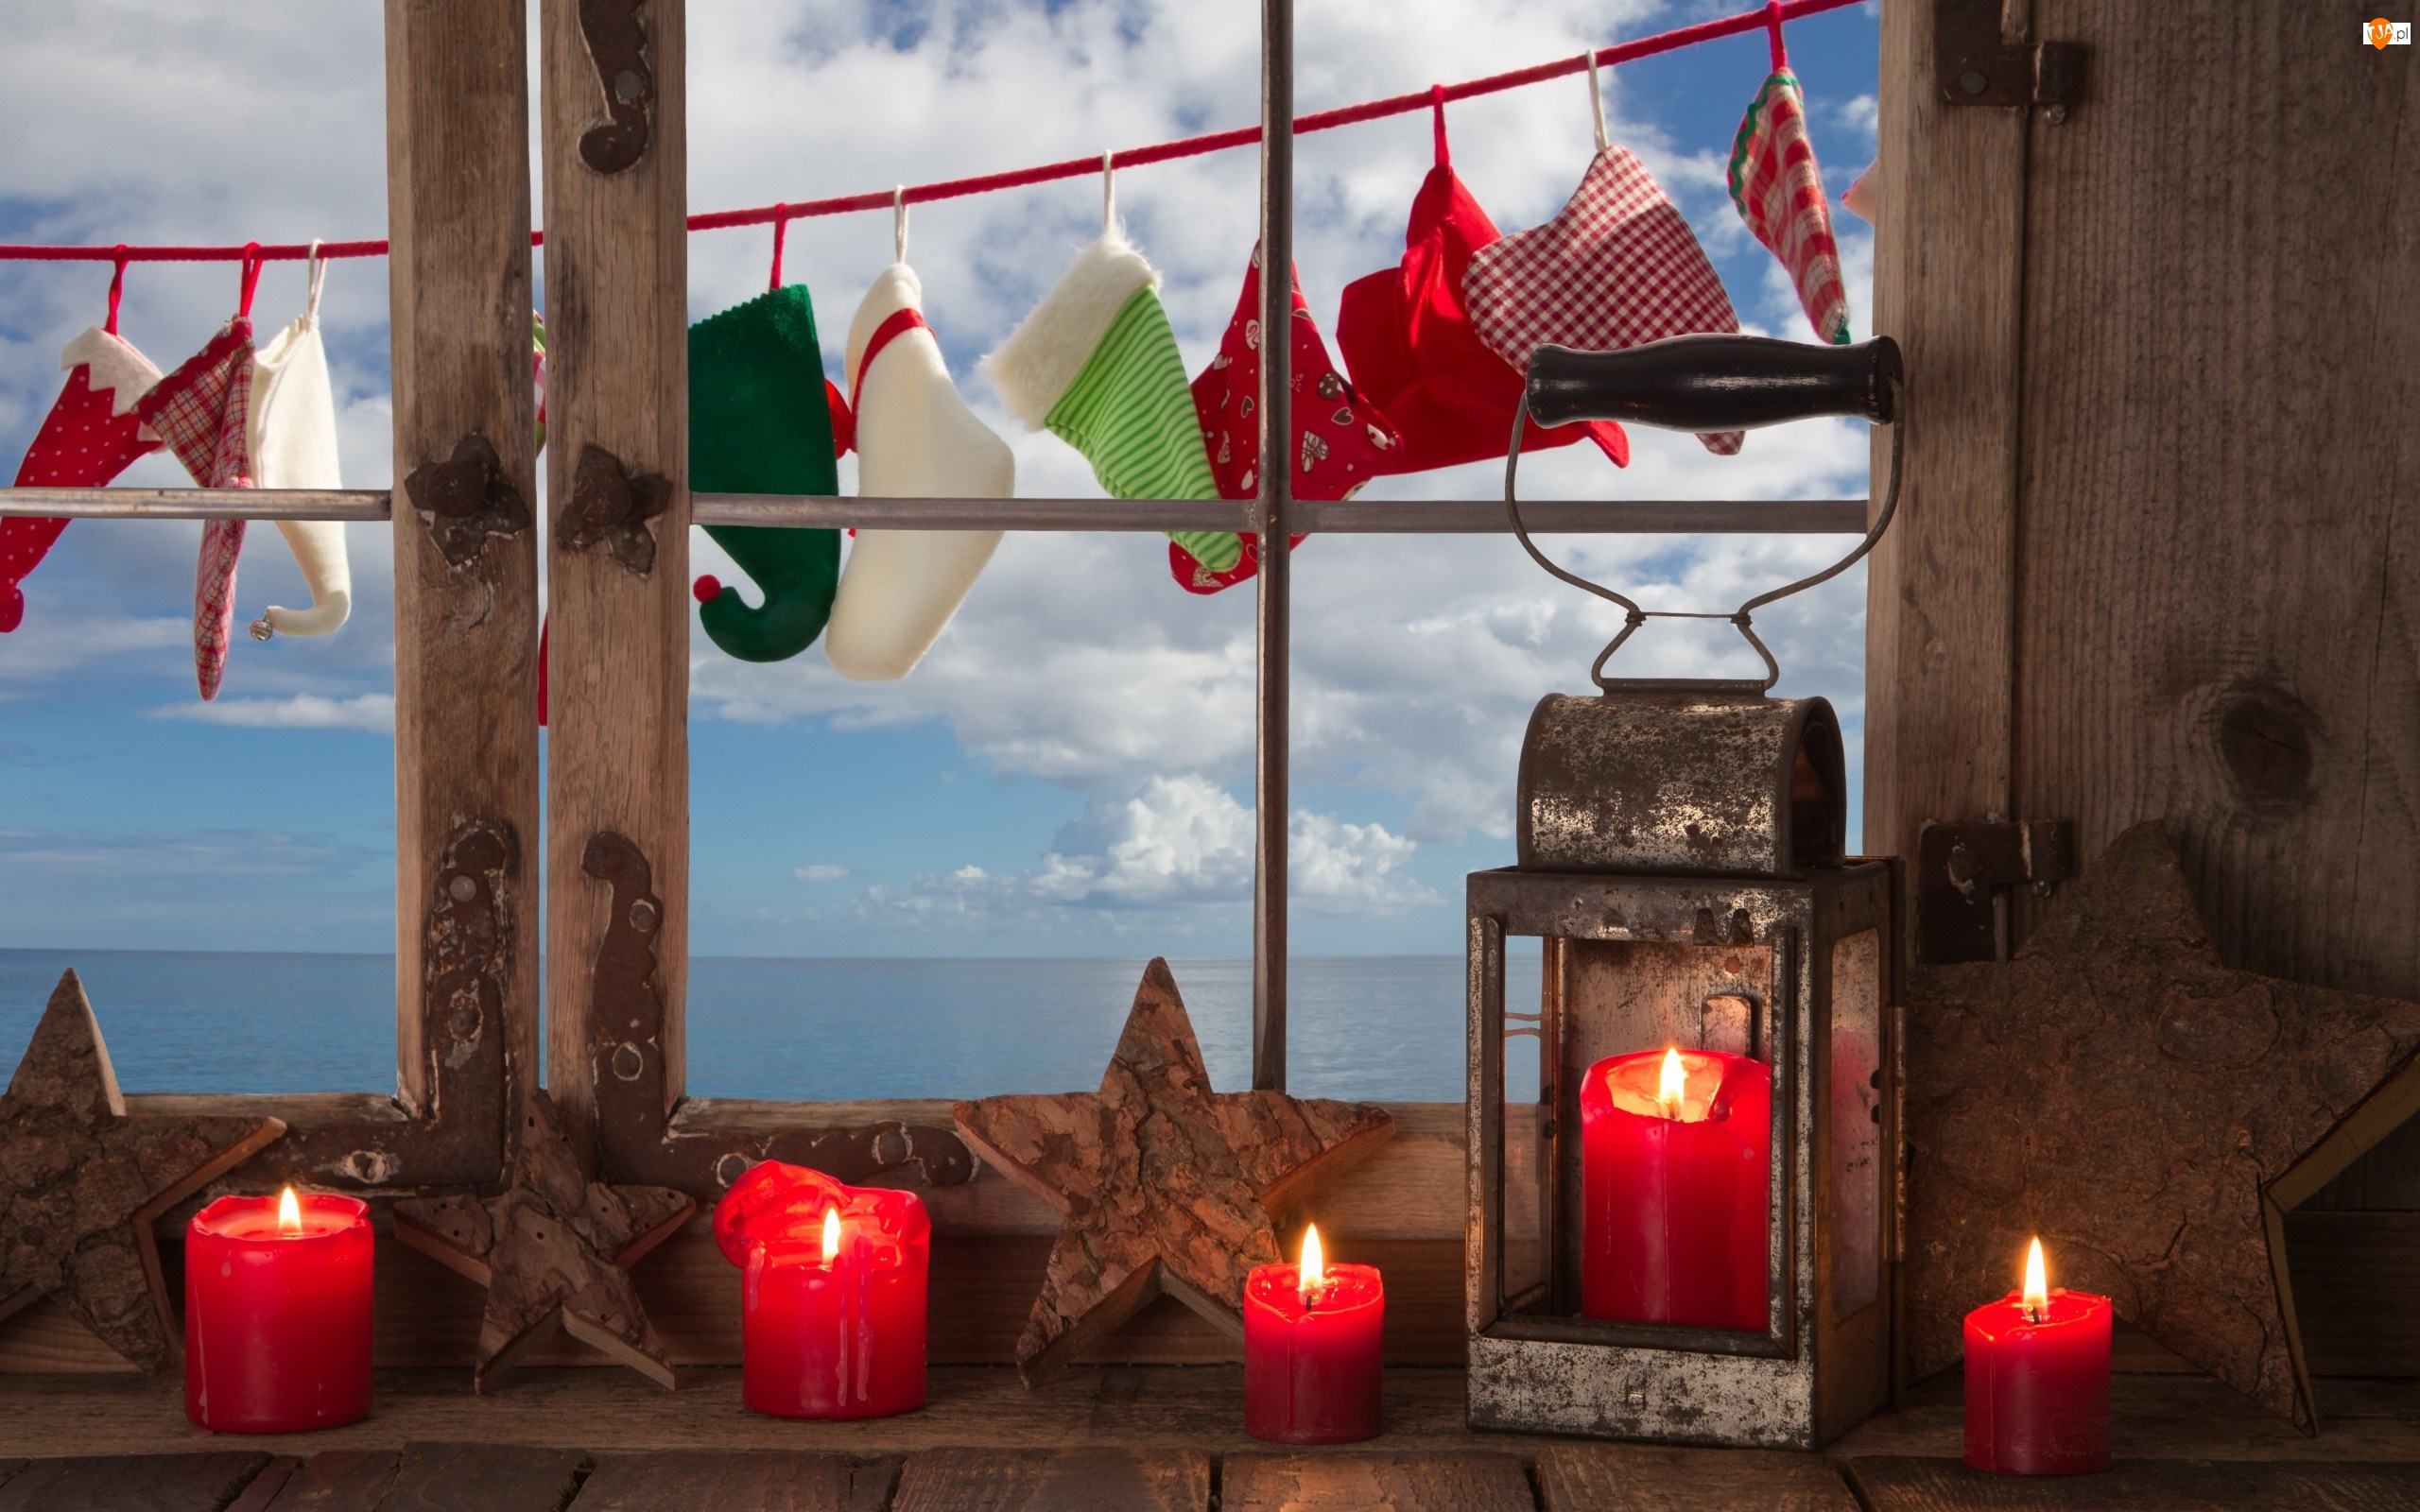 Kompozycja, Morze, Świeczki, Czerwone, Świąteczna, Okno, Chmury Lampion